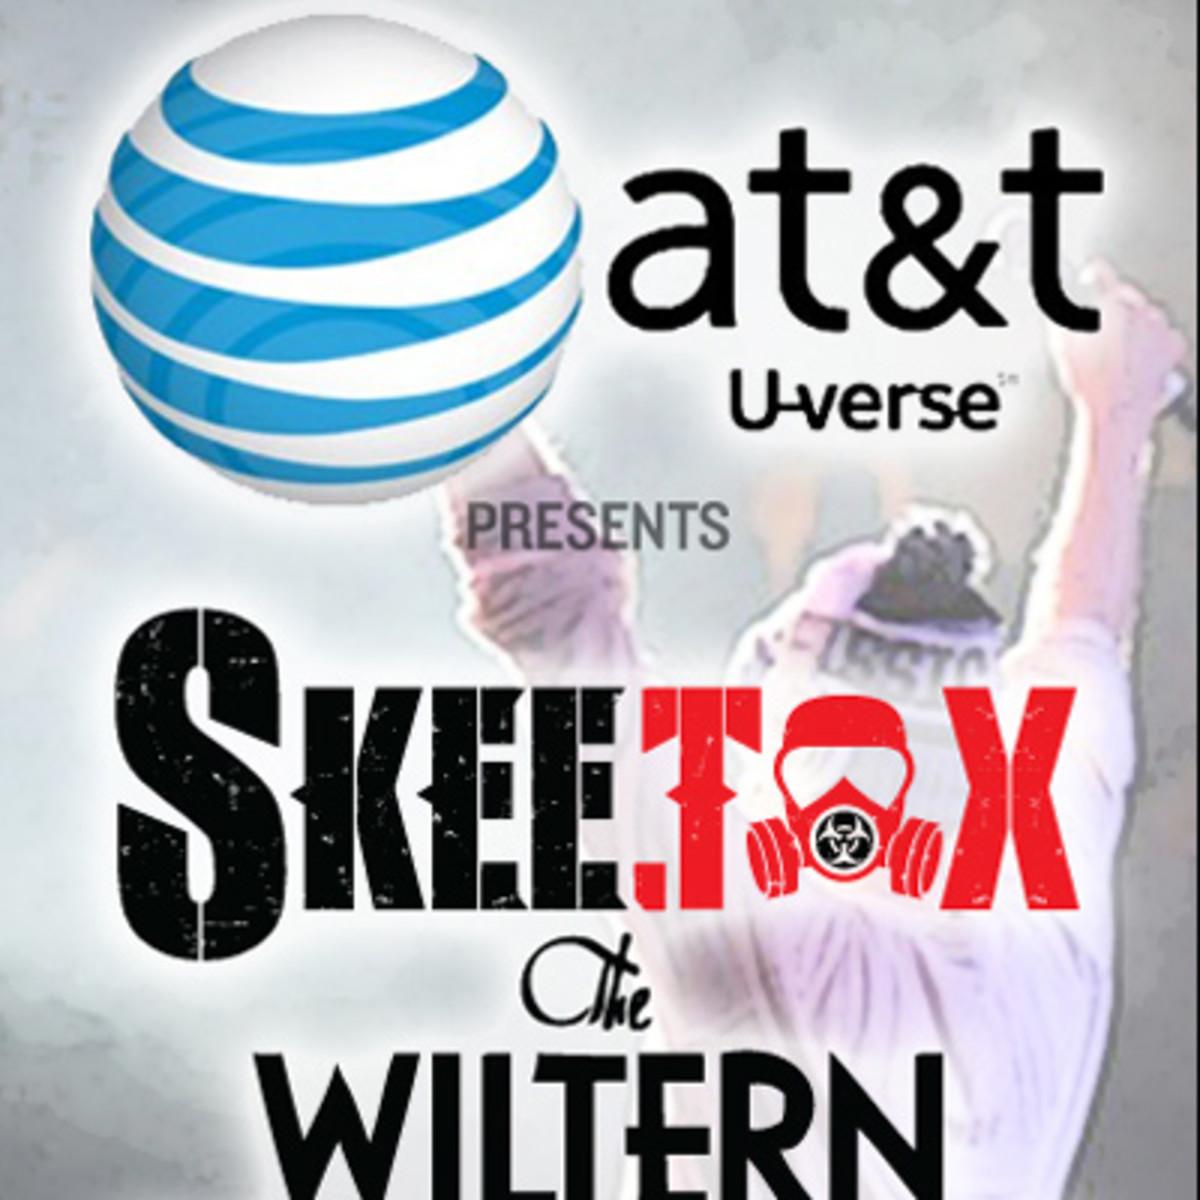 skeetox-wiltern.jpg